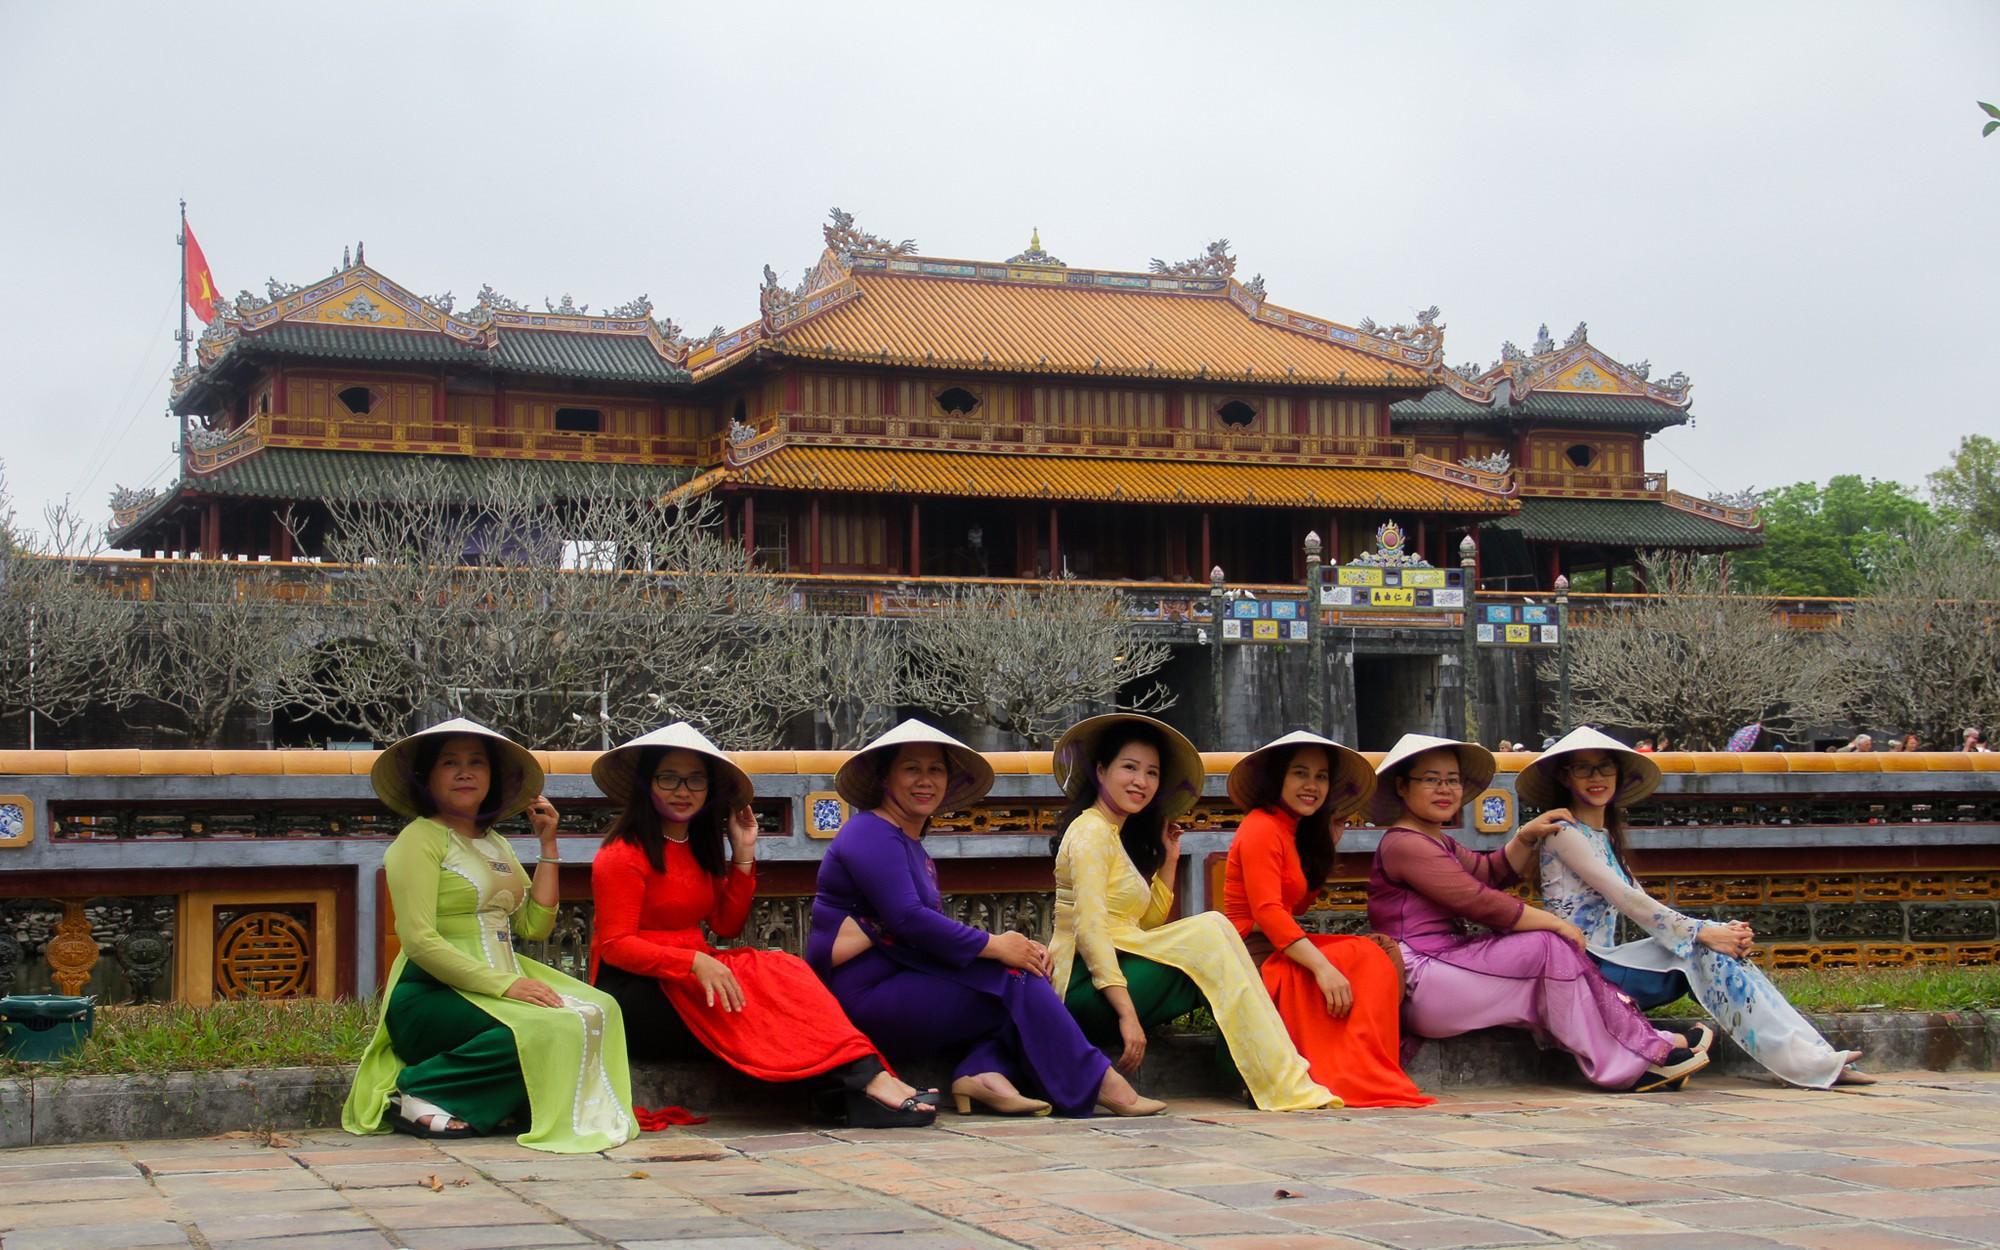 Phụ nữ mặc áo dài được miễn phí tham quan các điểm di tích tại Huế dịp 20/10